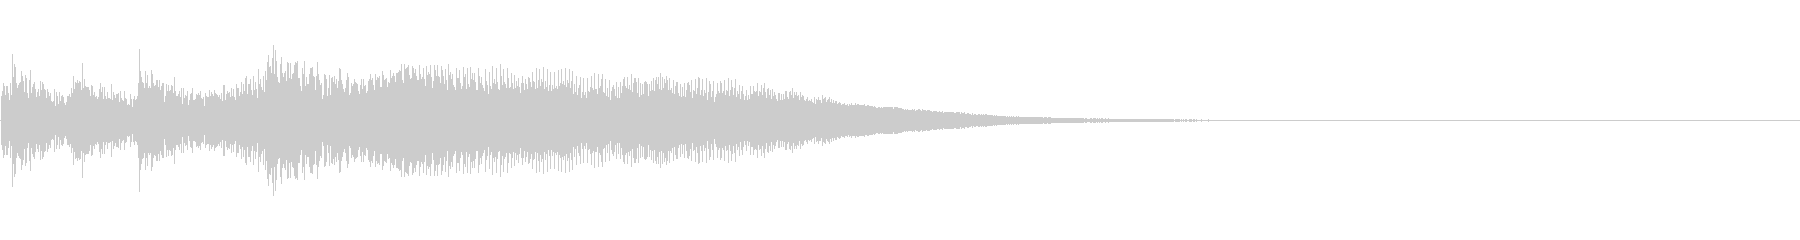 アイキャッチ 27の未再生の波形